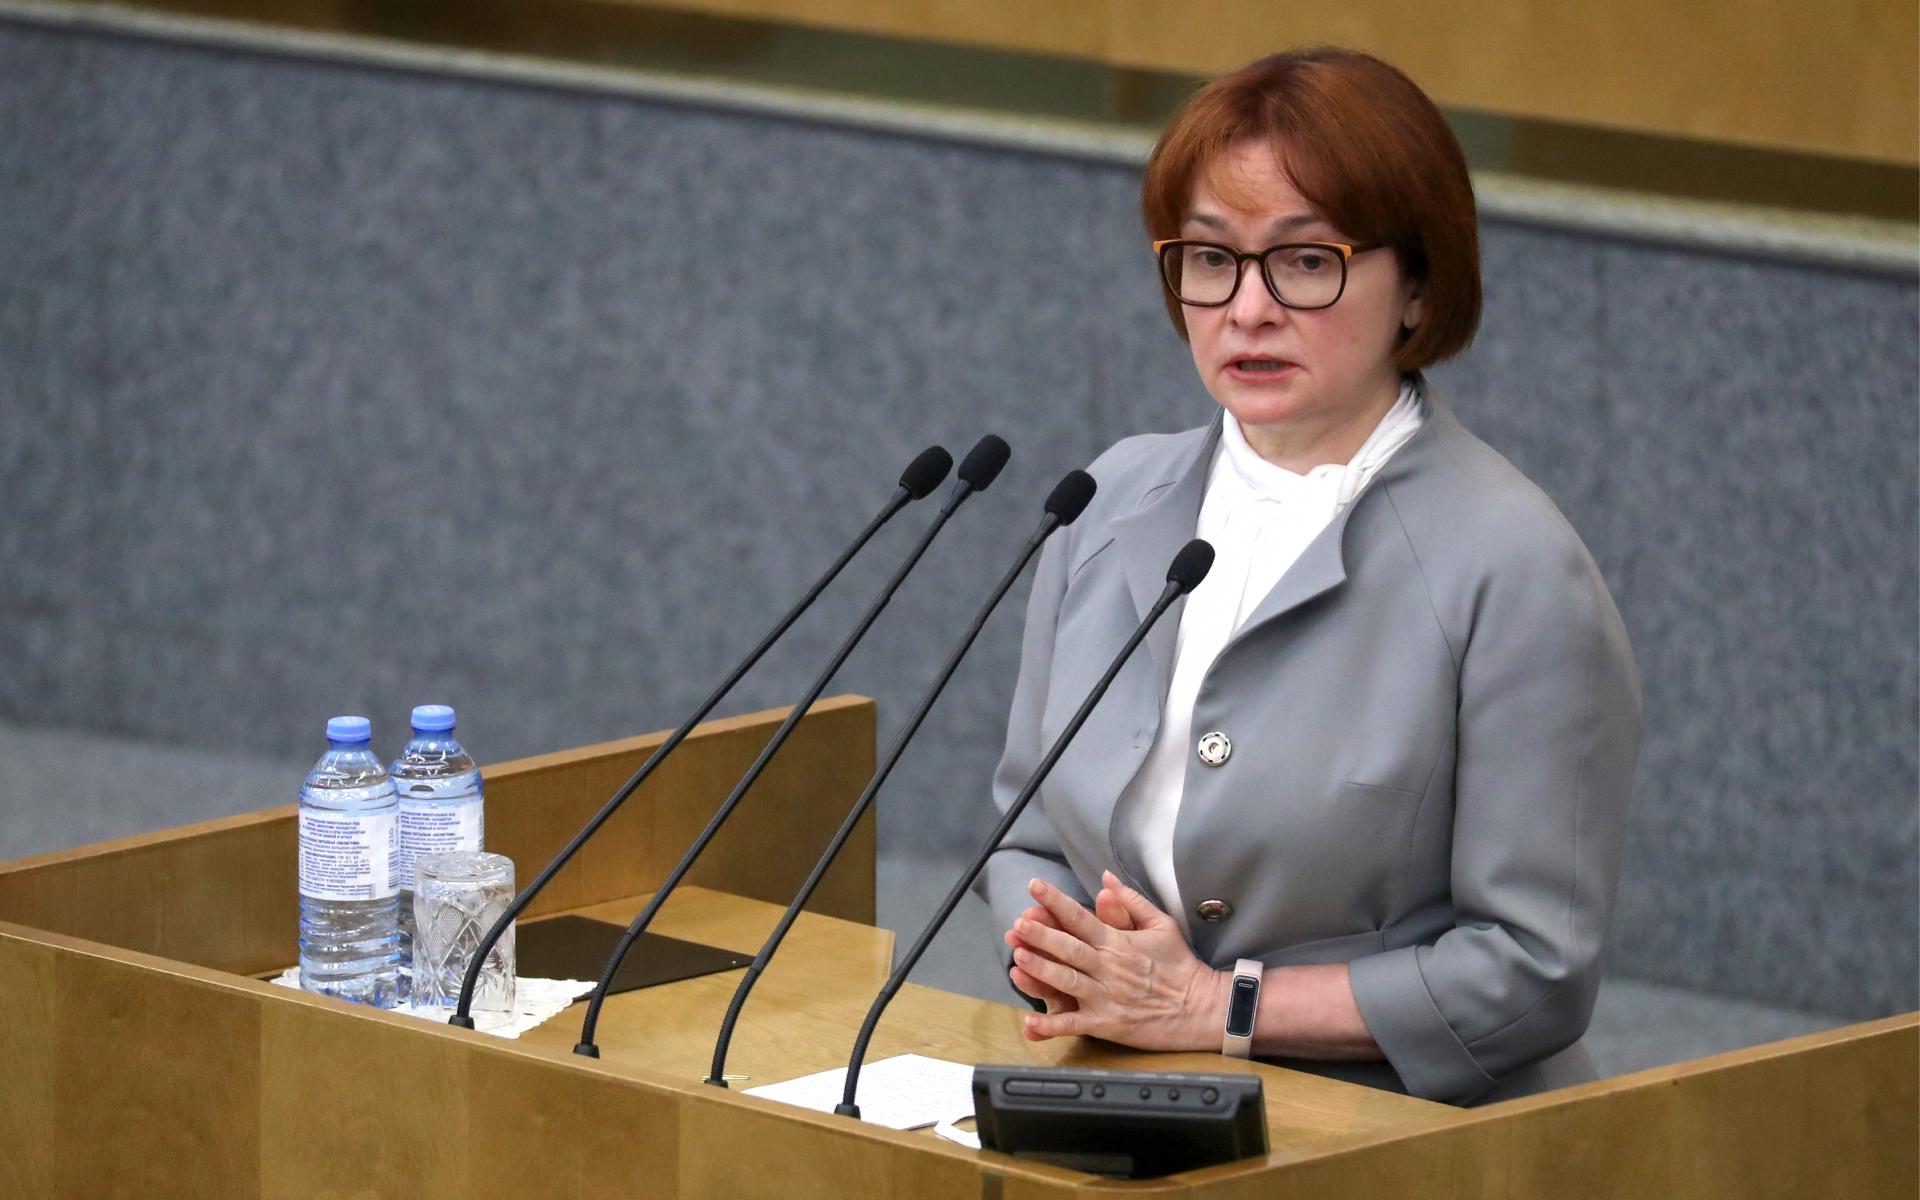 Эльвира Набиуллина оценила темпы роста цен на жилье в России